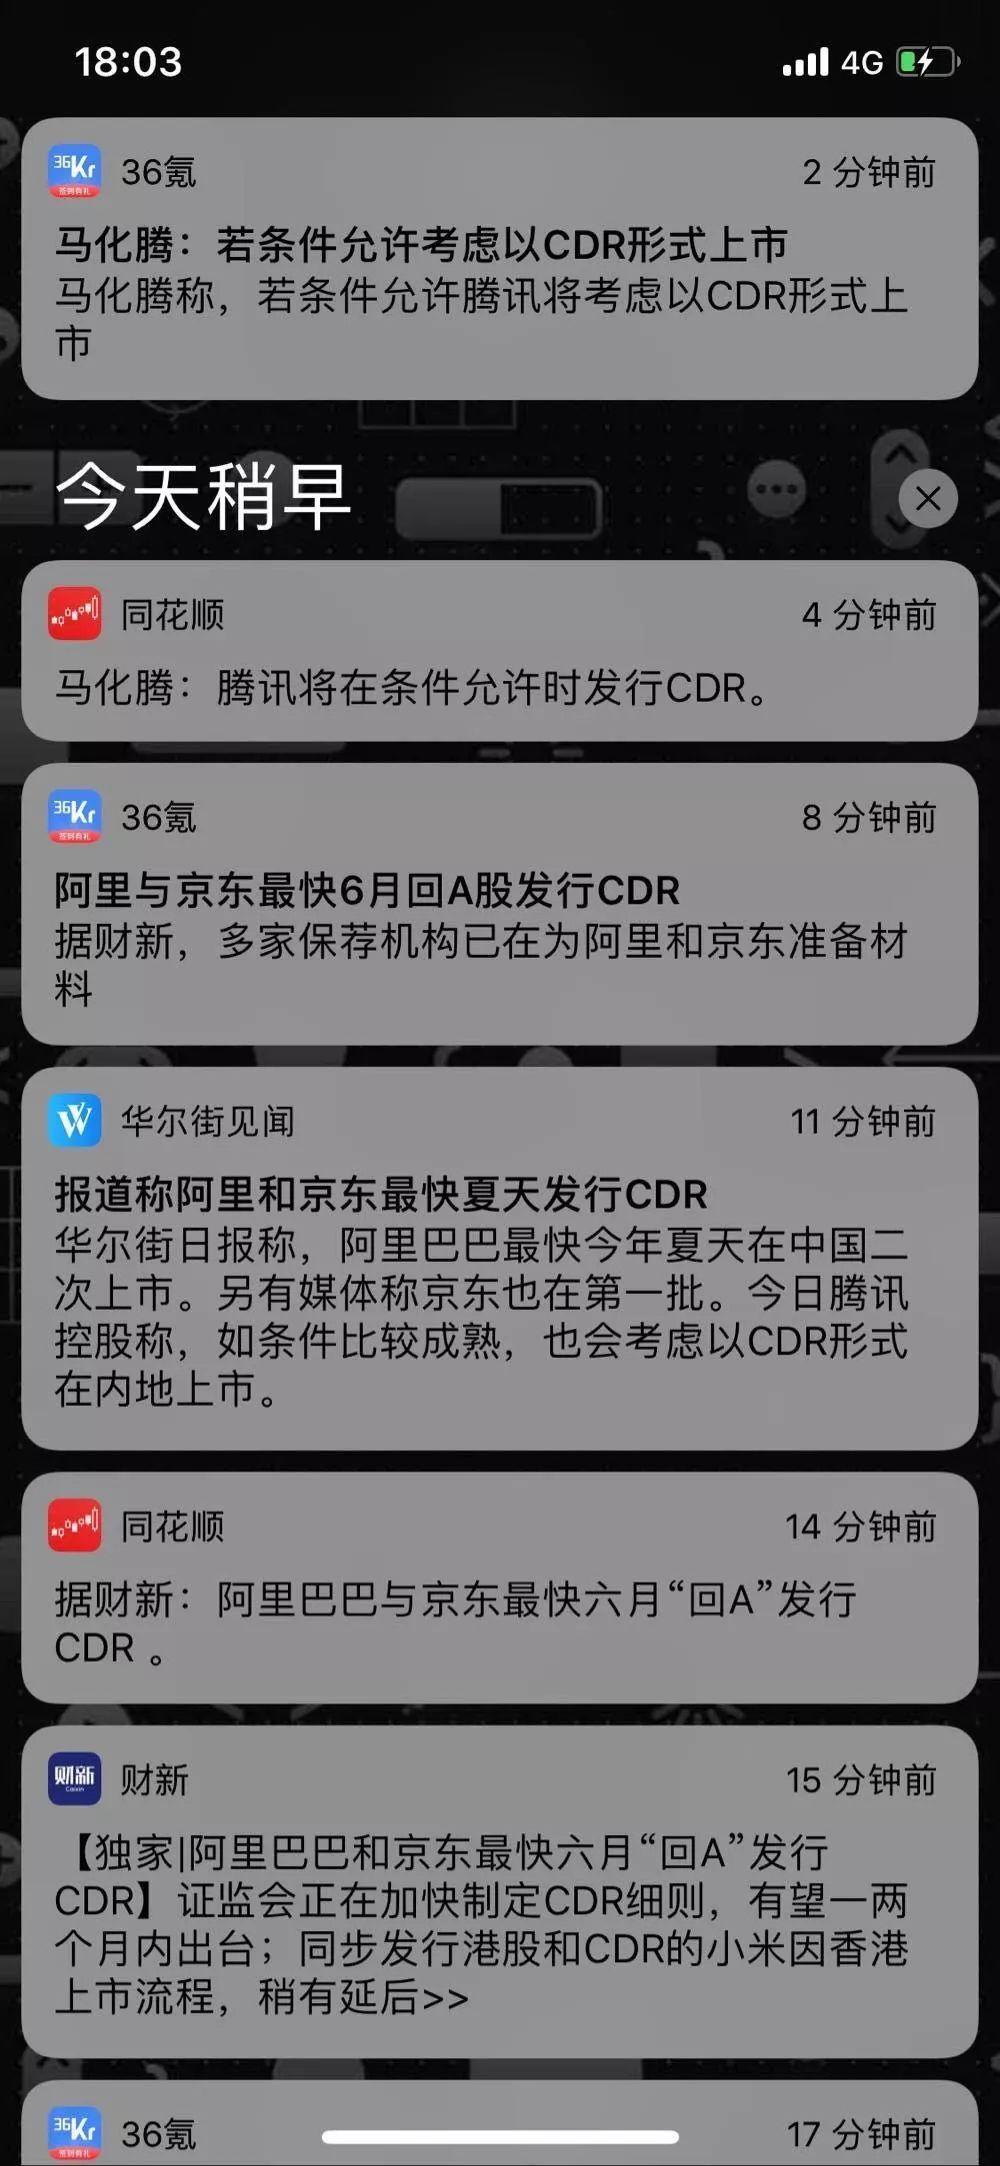 马云刘强东抢跑CDR:国家在修路,大佬要赶紧练车